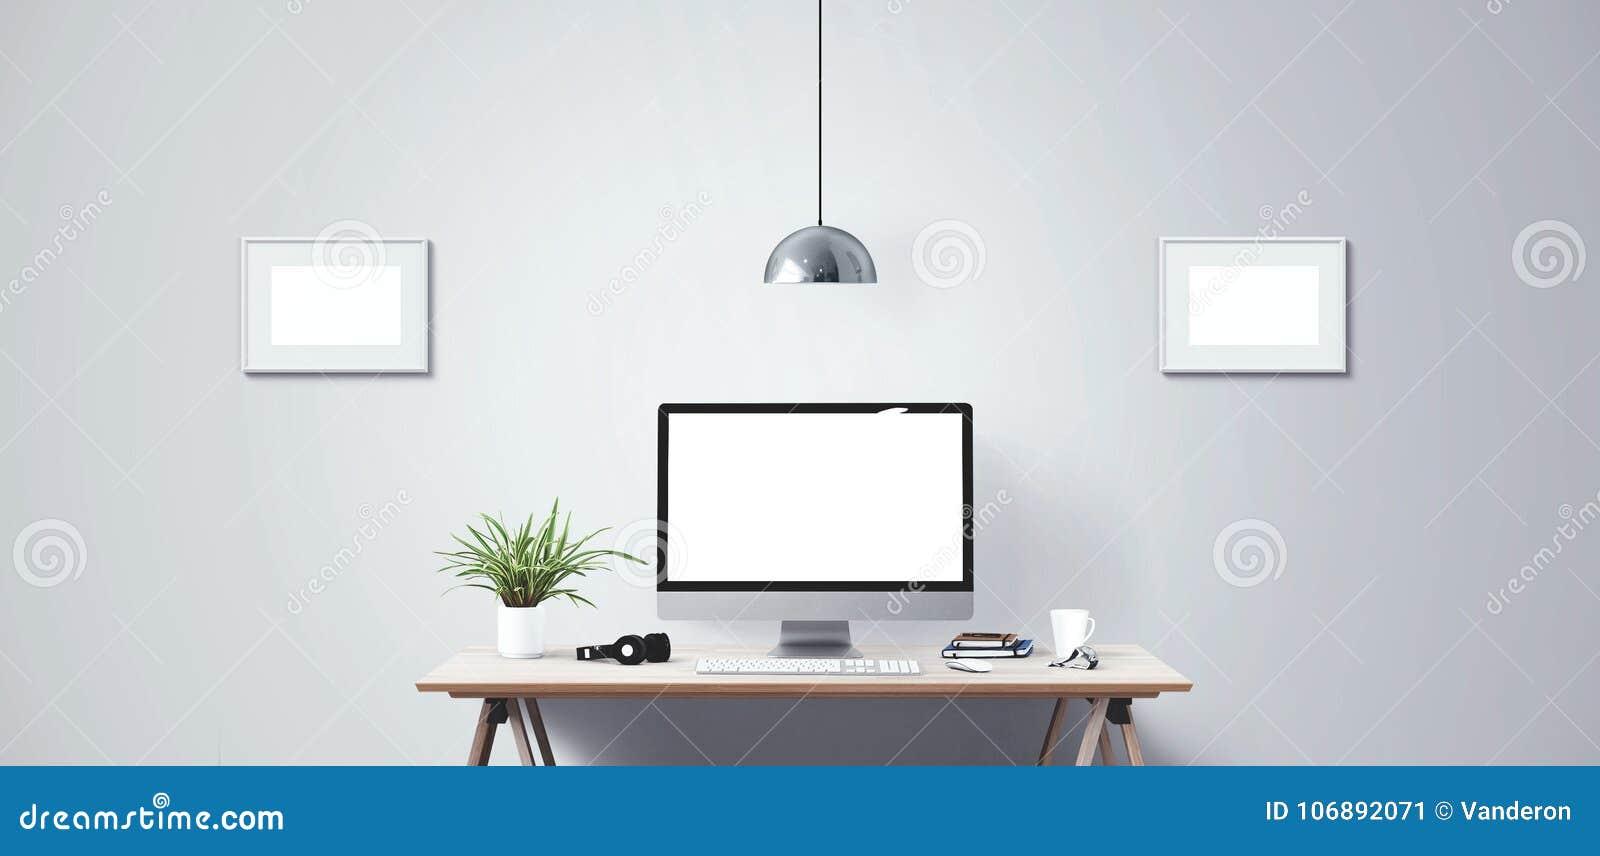 Ecran D Ordinateur De Bureau Fond Creatif Moderne D Espace De Travail Front View Image Stock Image Du Ecran Bureau 106892071